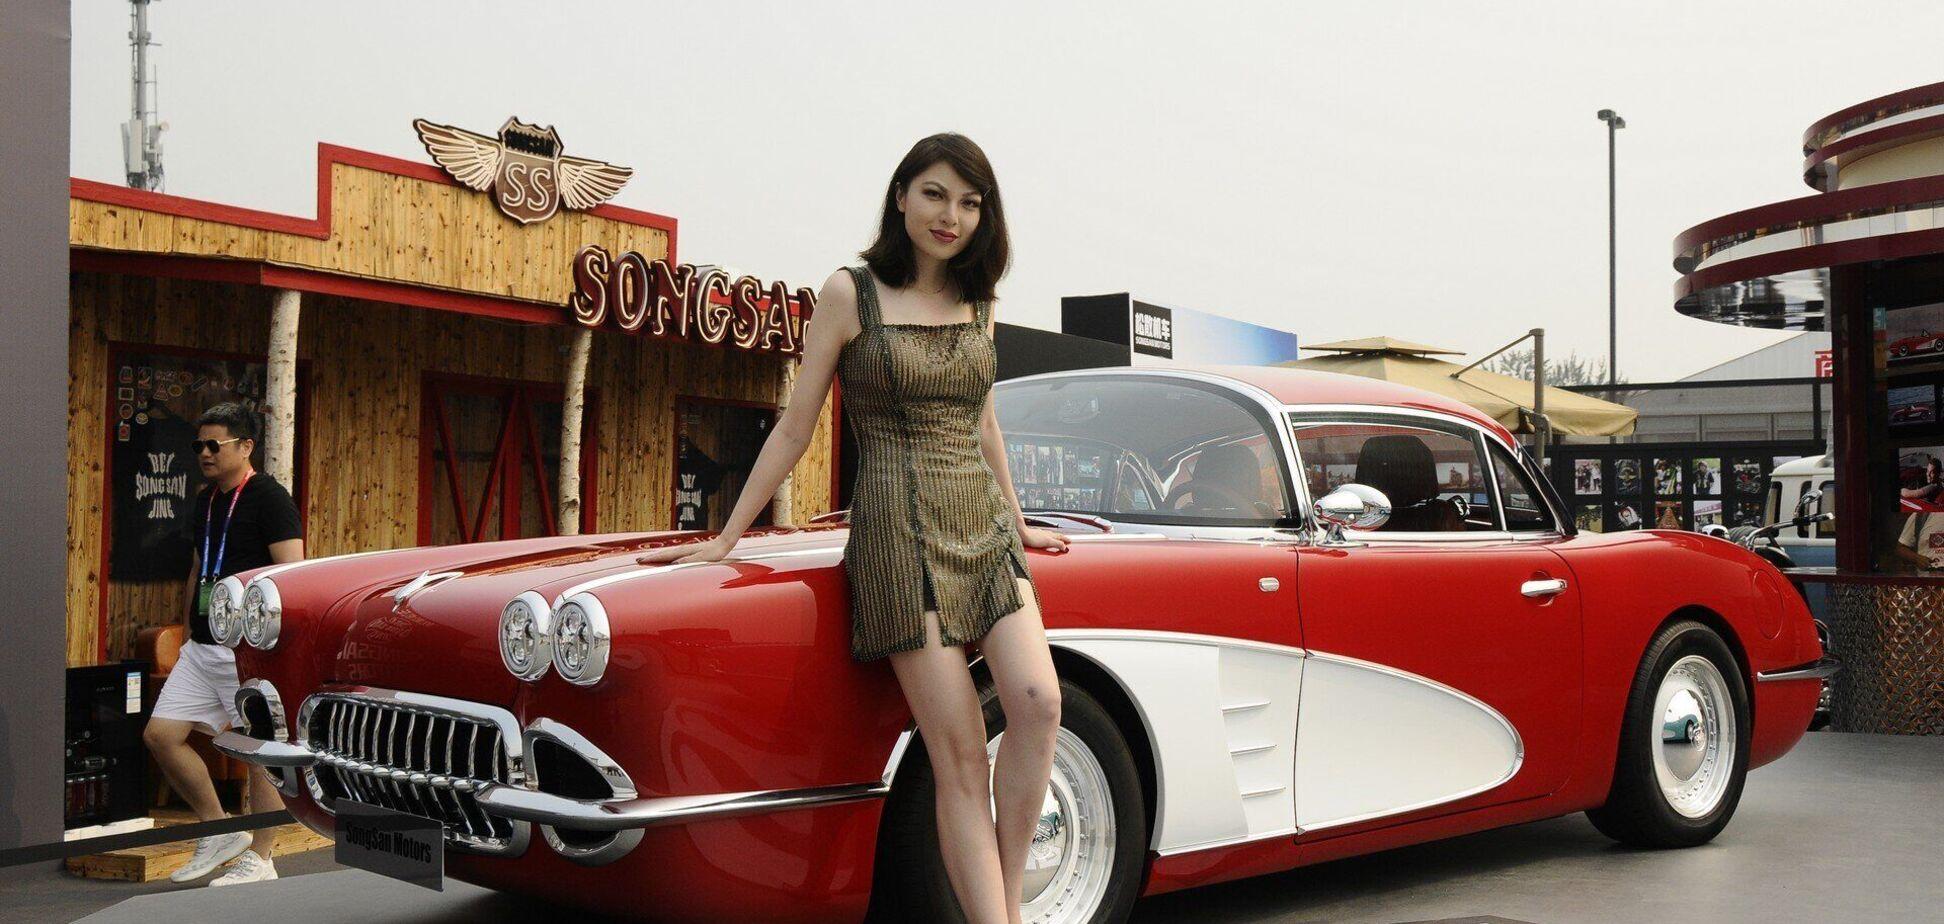 Китайцы клонировали Chevrolet 1950-х годов: GM не увидел в этом проблемы